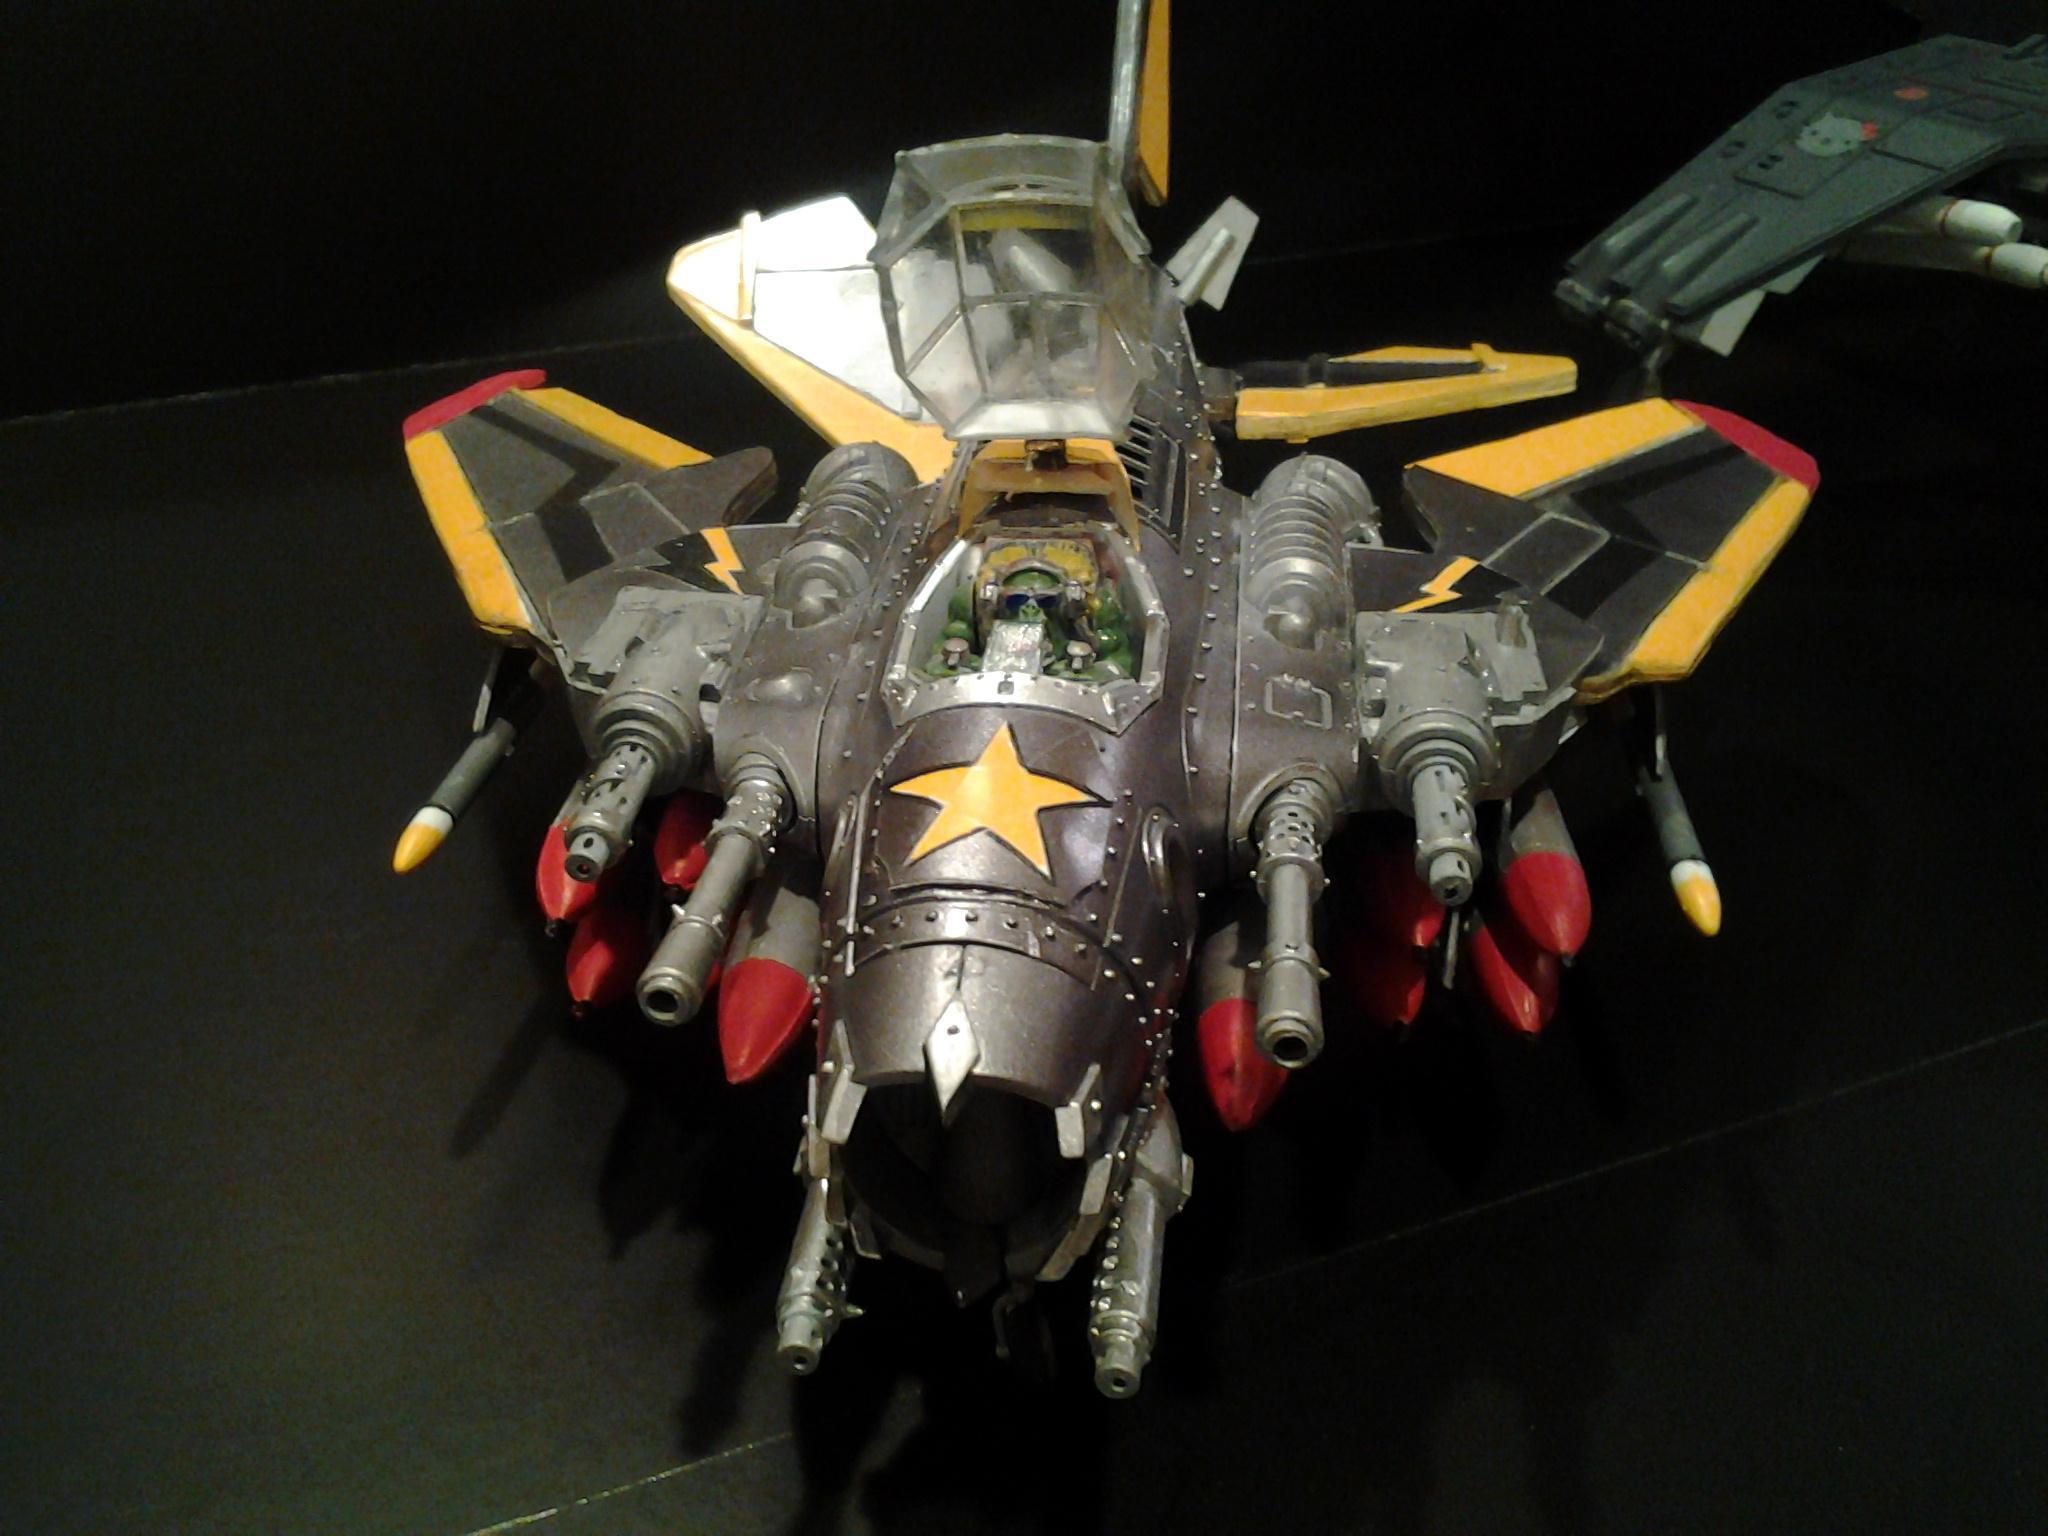 Dakka Jet, Fighta-bomber, Open Canopy, Ork Bommer, Swing Wing